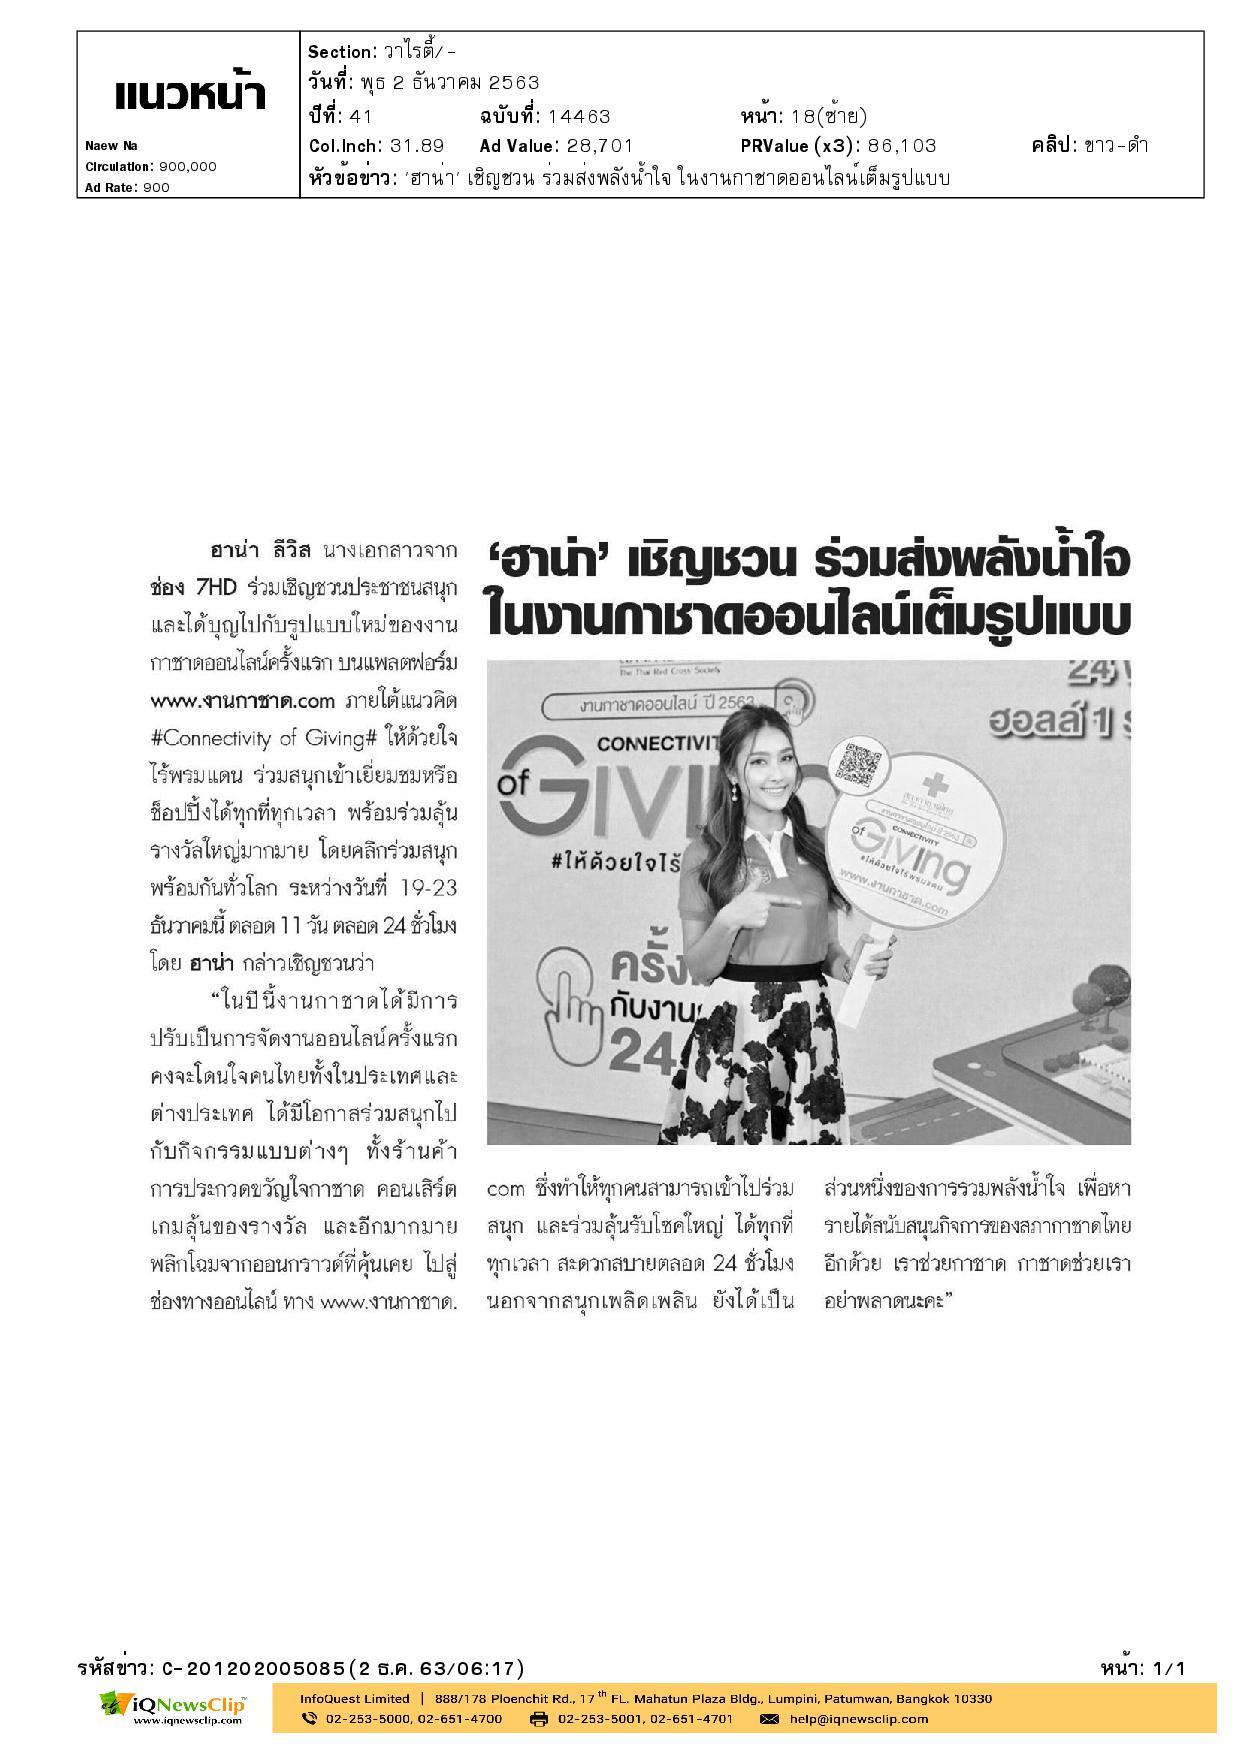 สภากาชาดไทย จัดงานเปิดตัวงานกาชาดออนไลน์ ประจำปี 2563